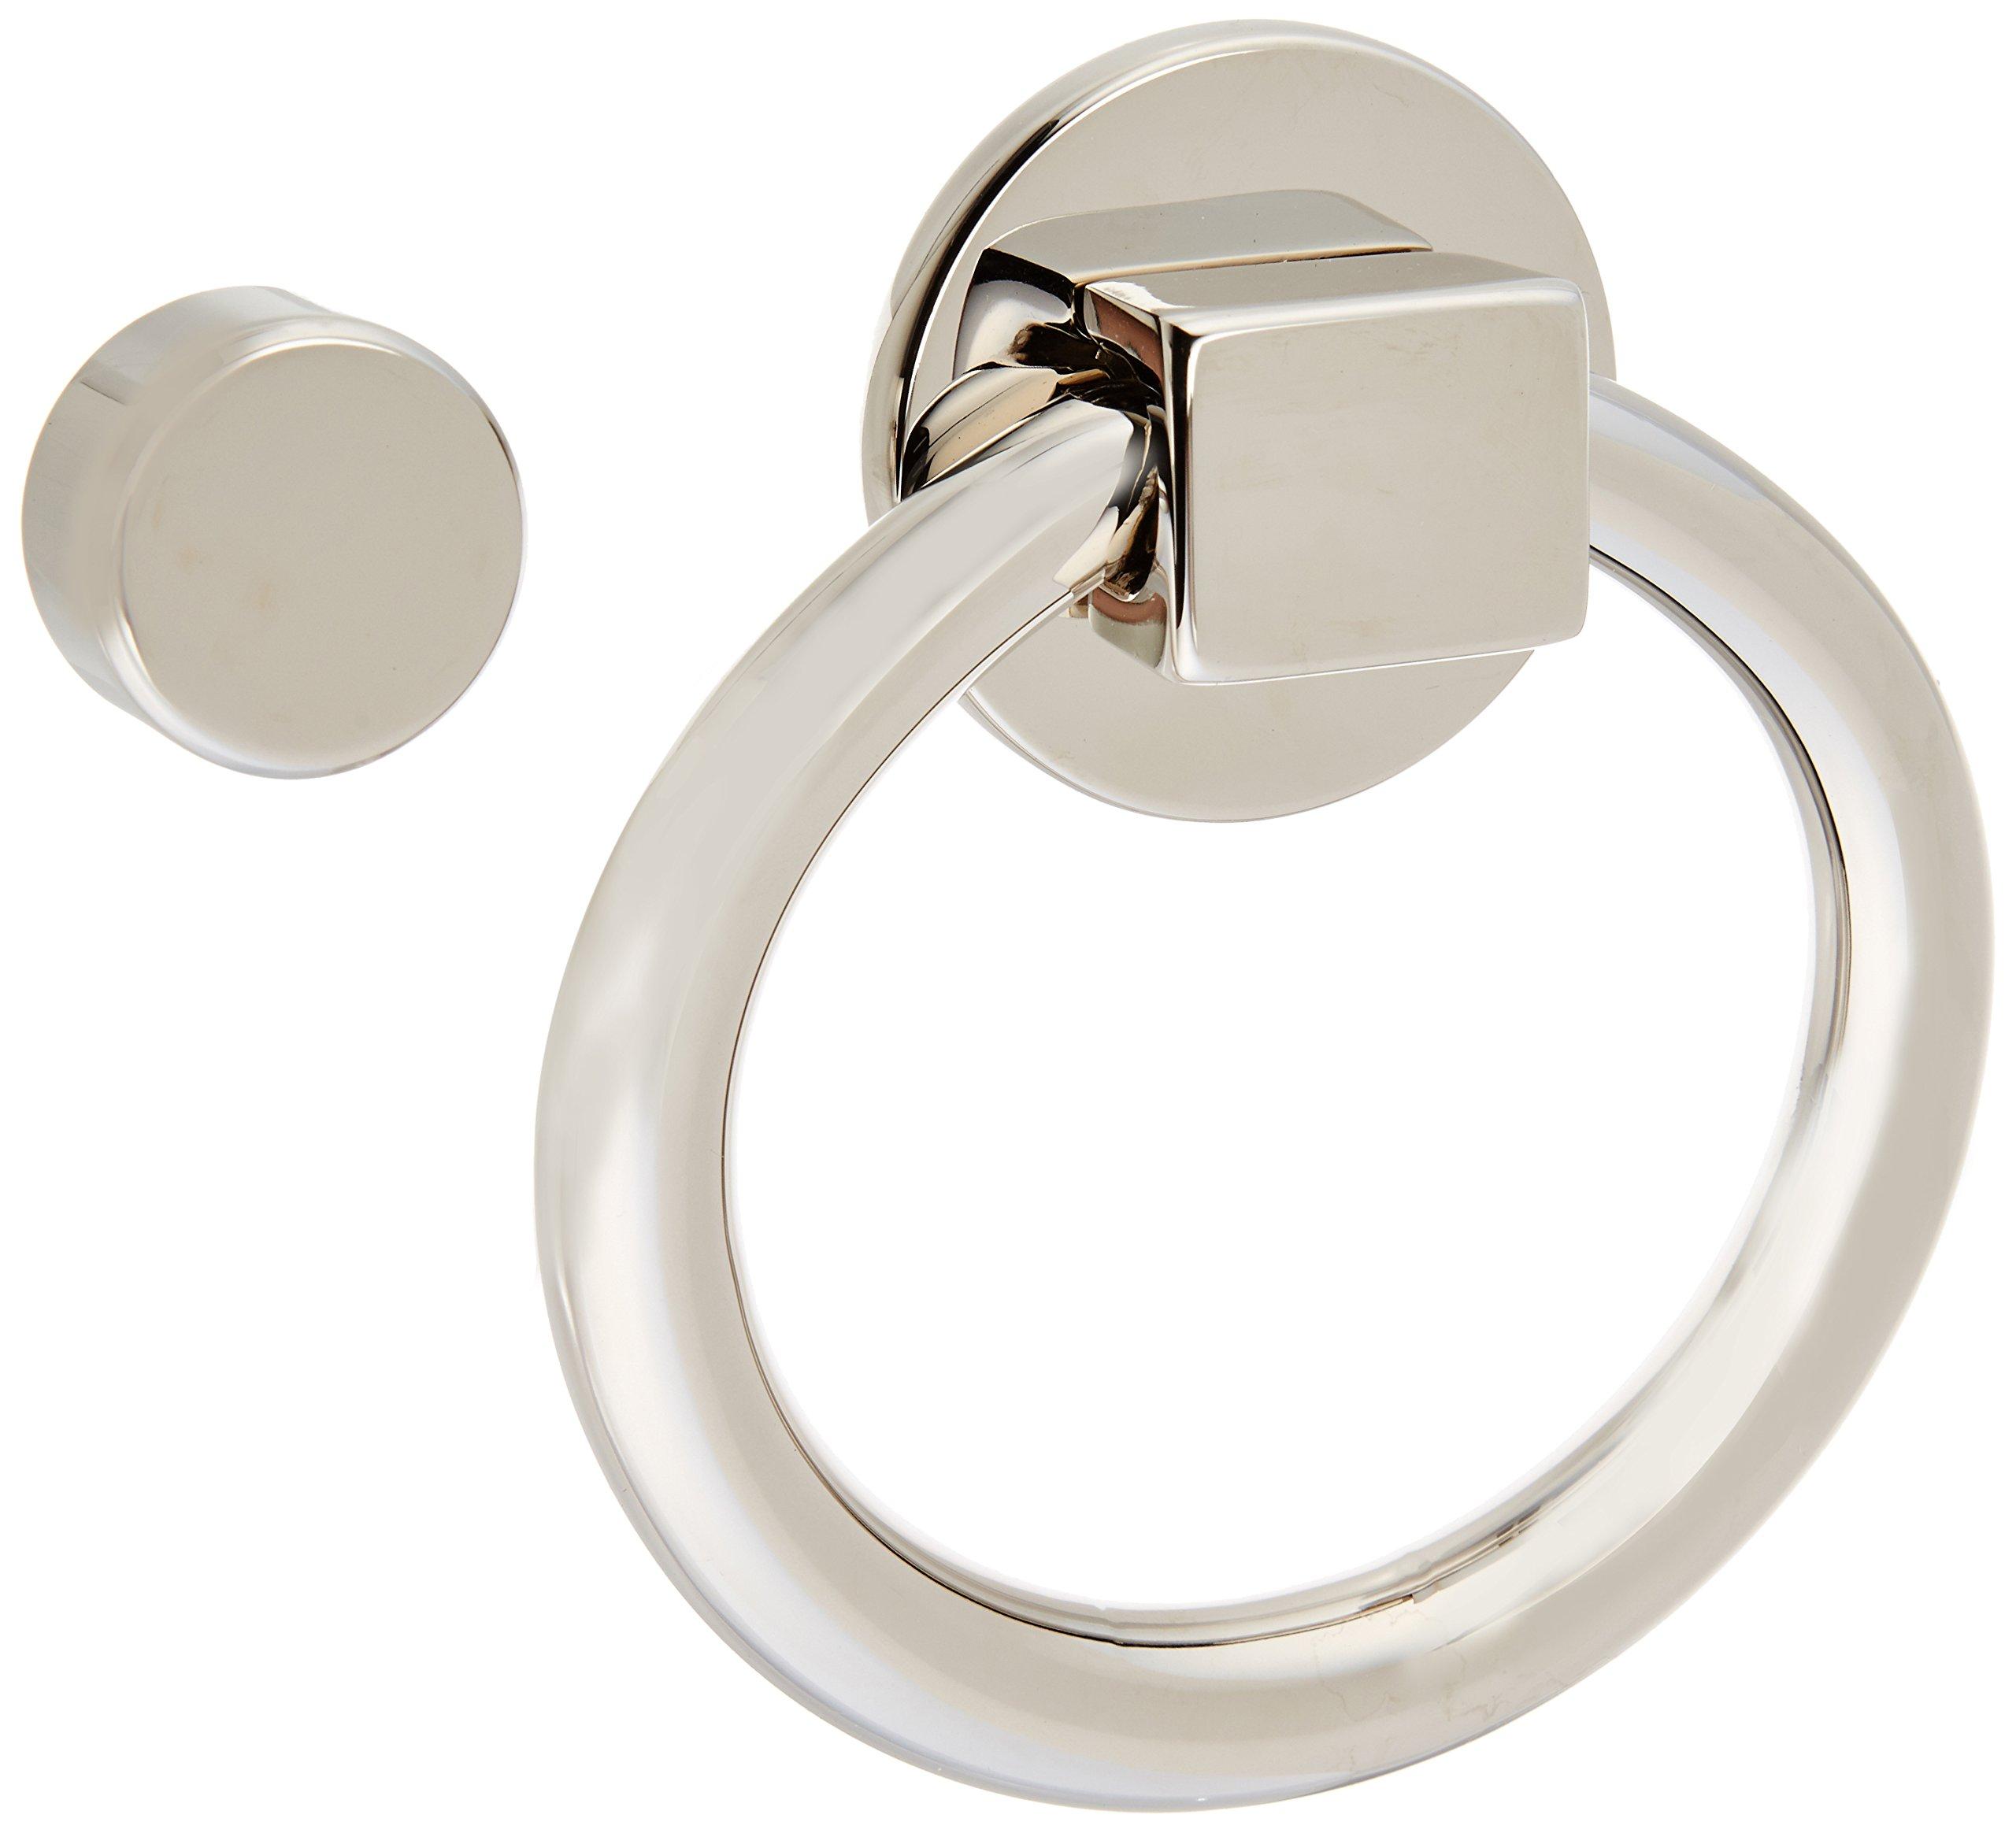 Baldwin 0195140 Ring Door Knocker, Bright Nickel